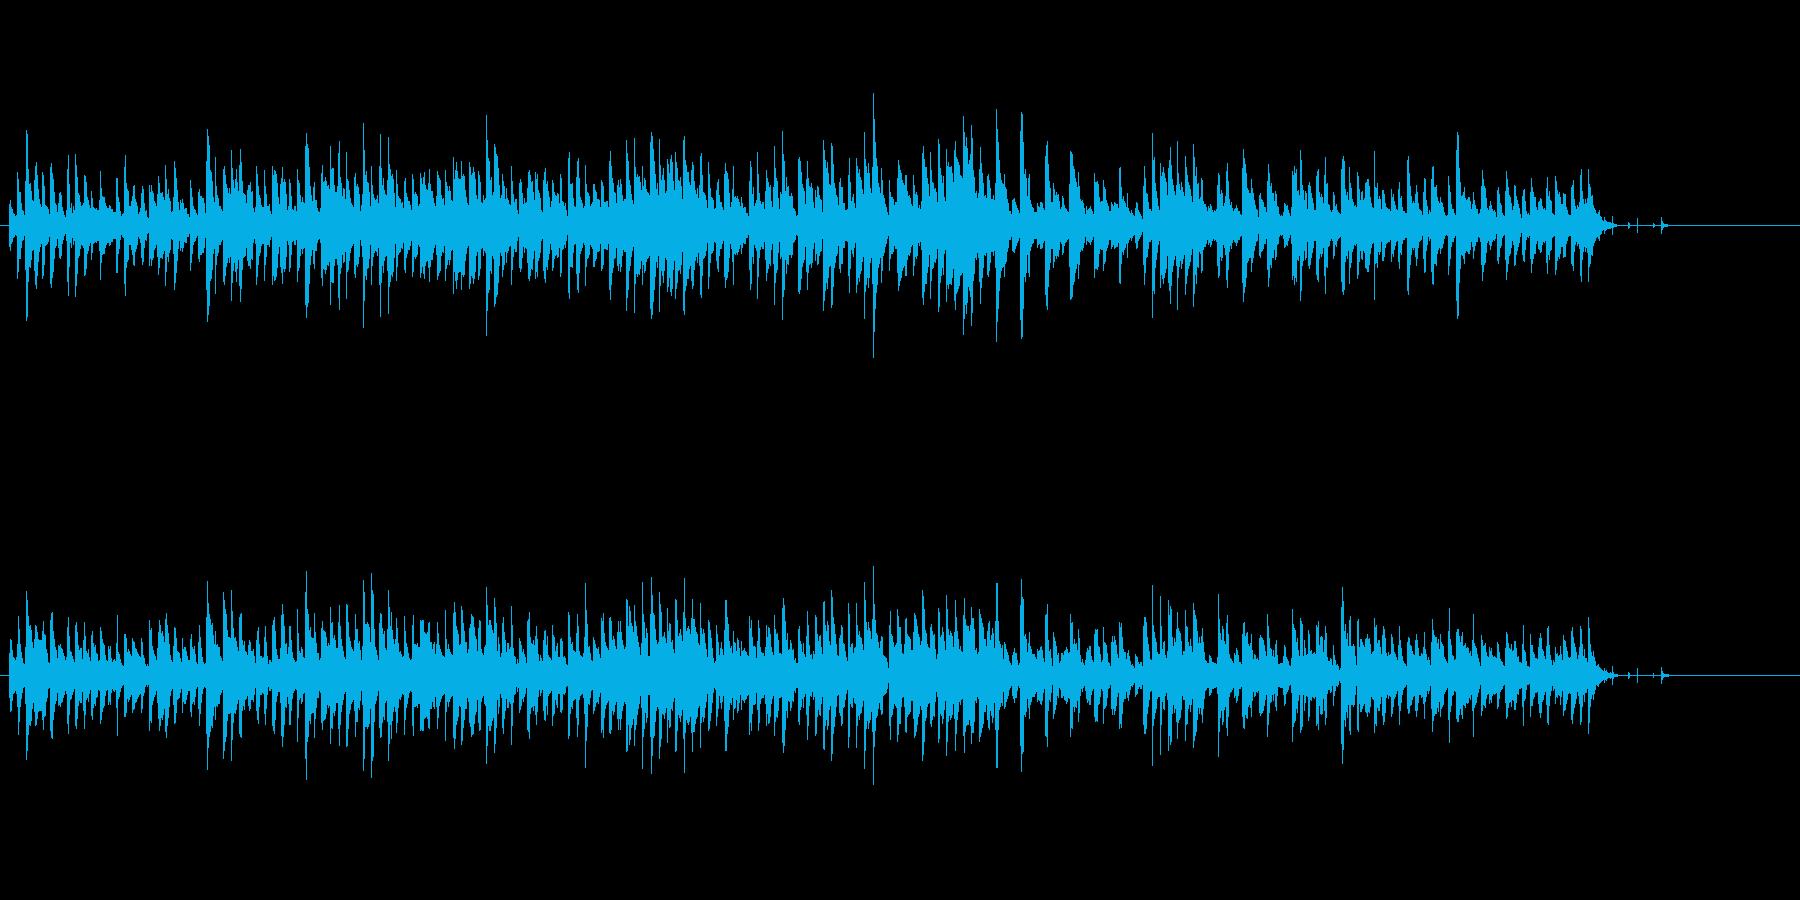 軽く弾むメルヘンチックなピアノの調べの再生済みの波形